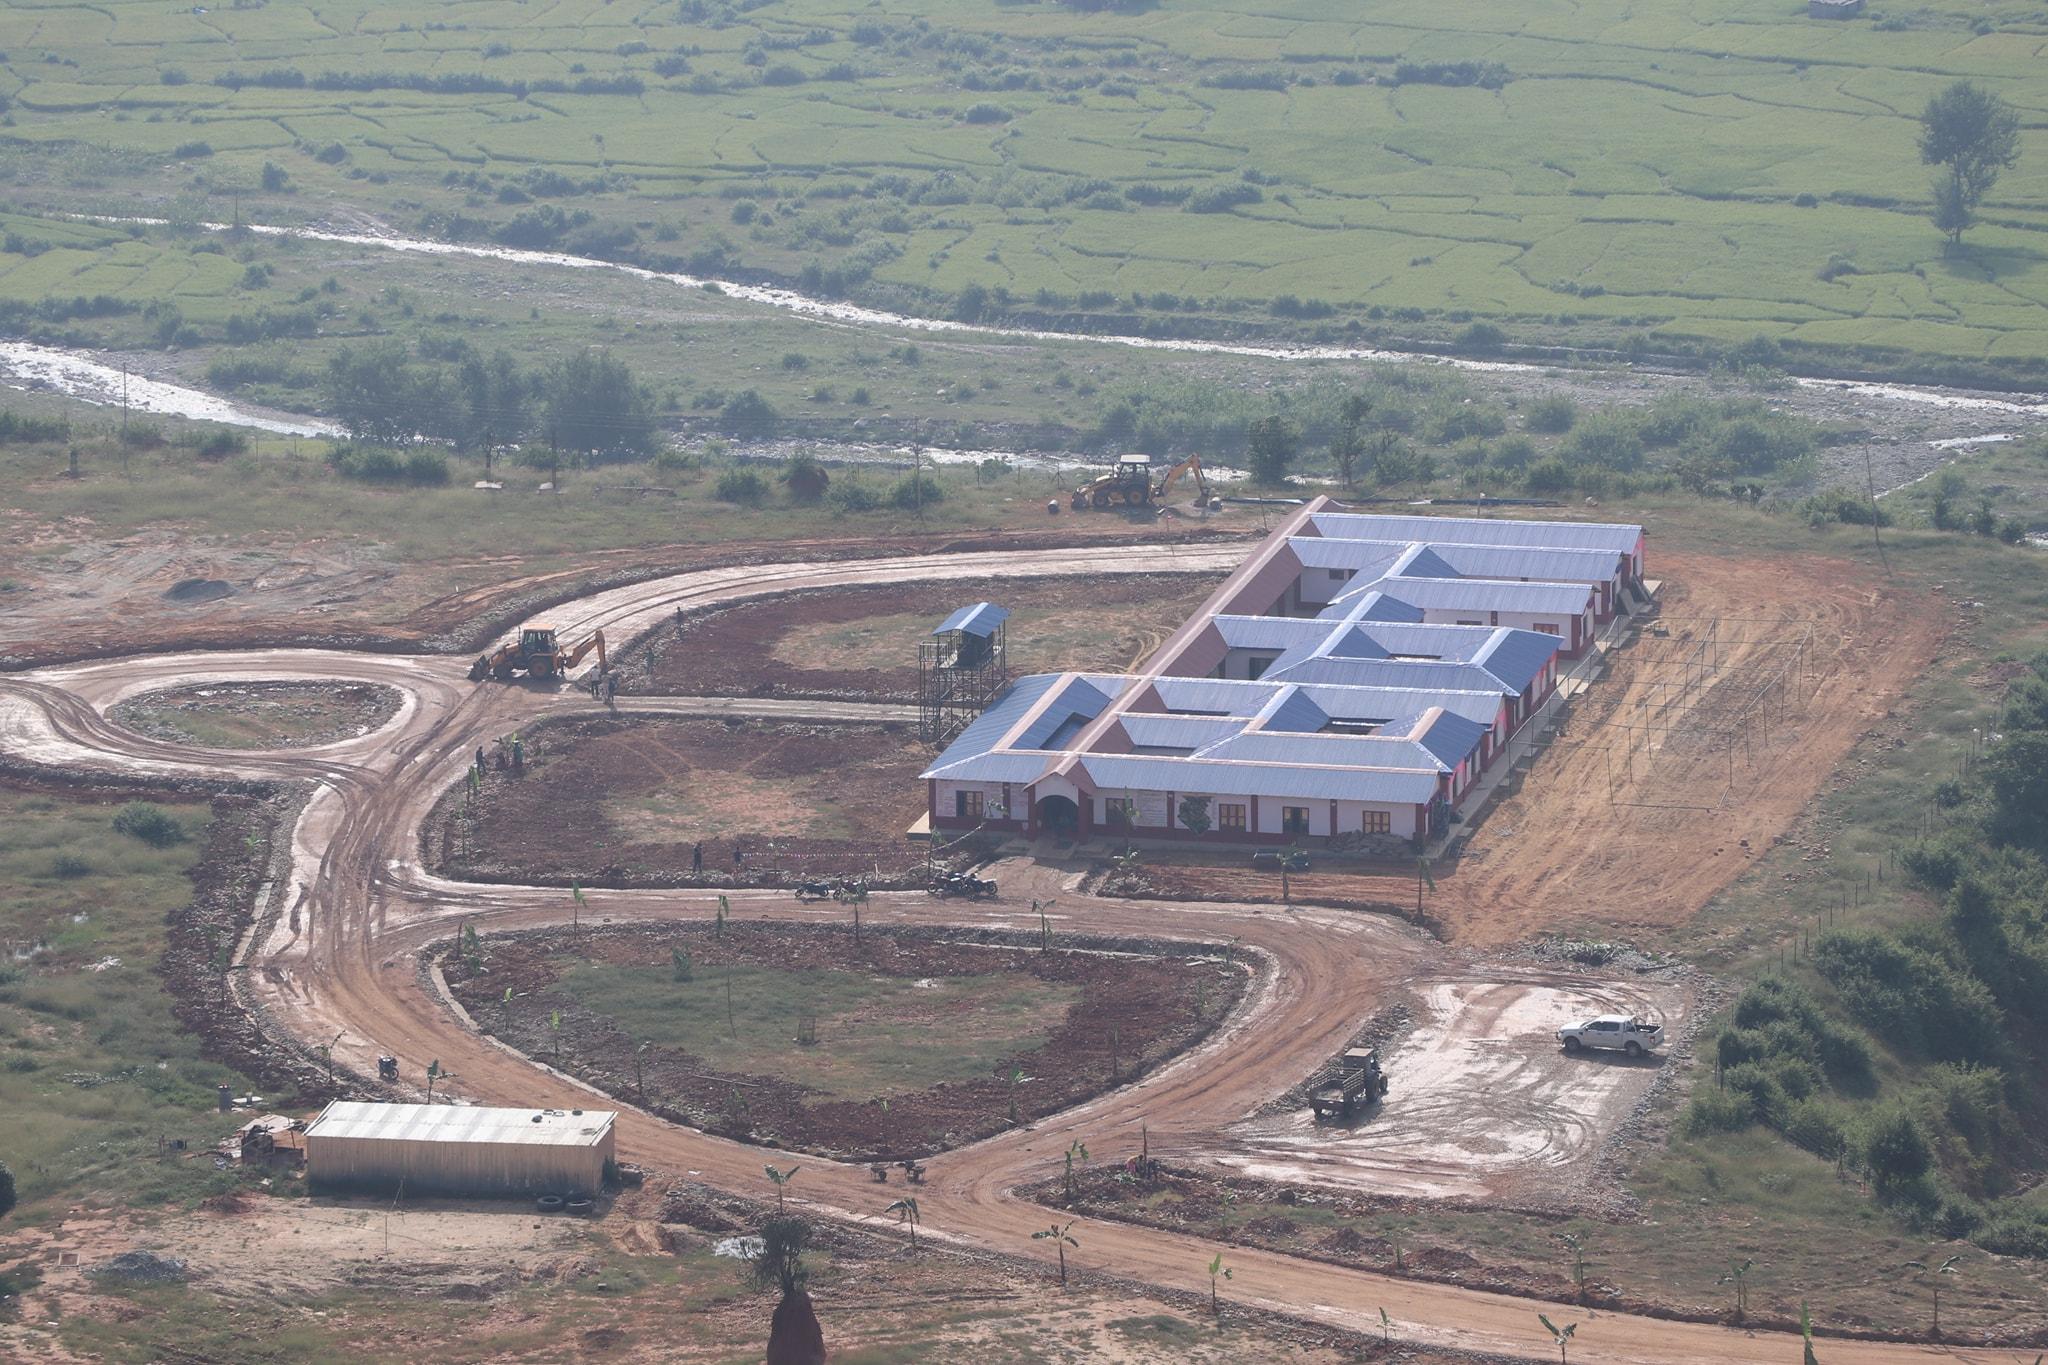 सिम्ता गाउँपालिकाको प्रशासनीक भवन भोली उद्घाटन हुँदै । ( १० तस्वीर)